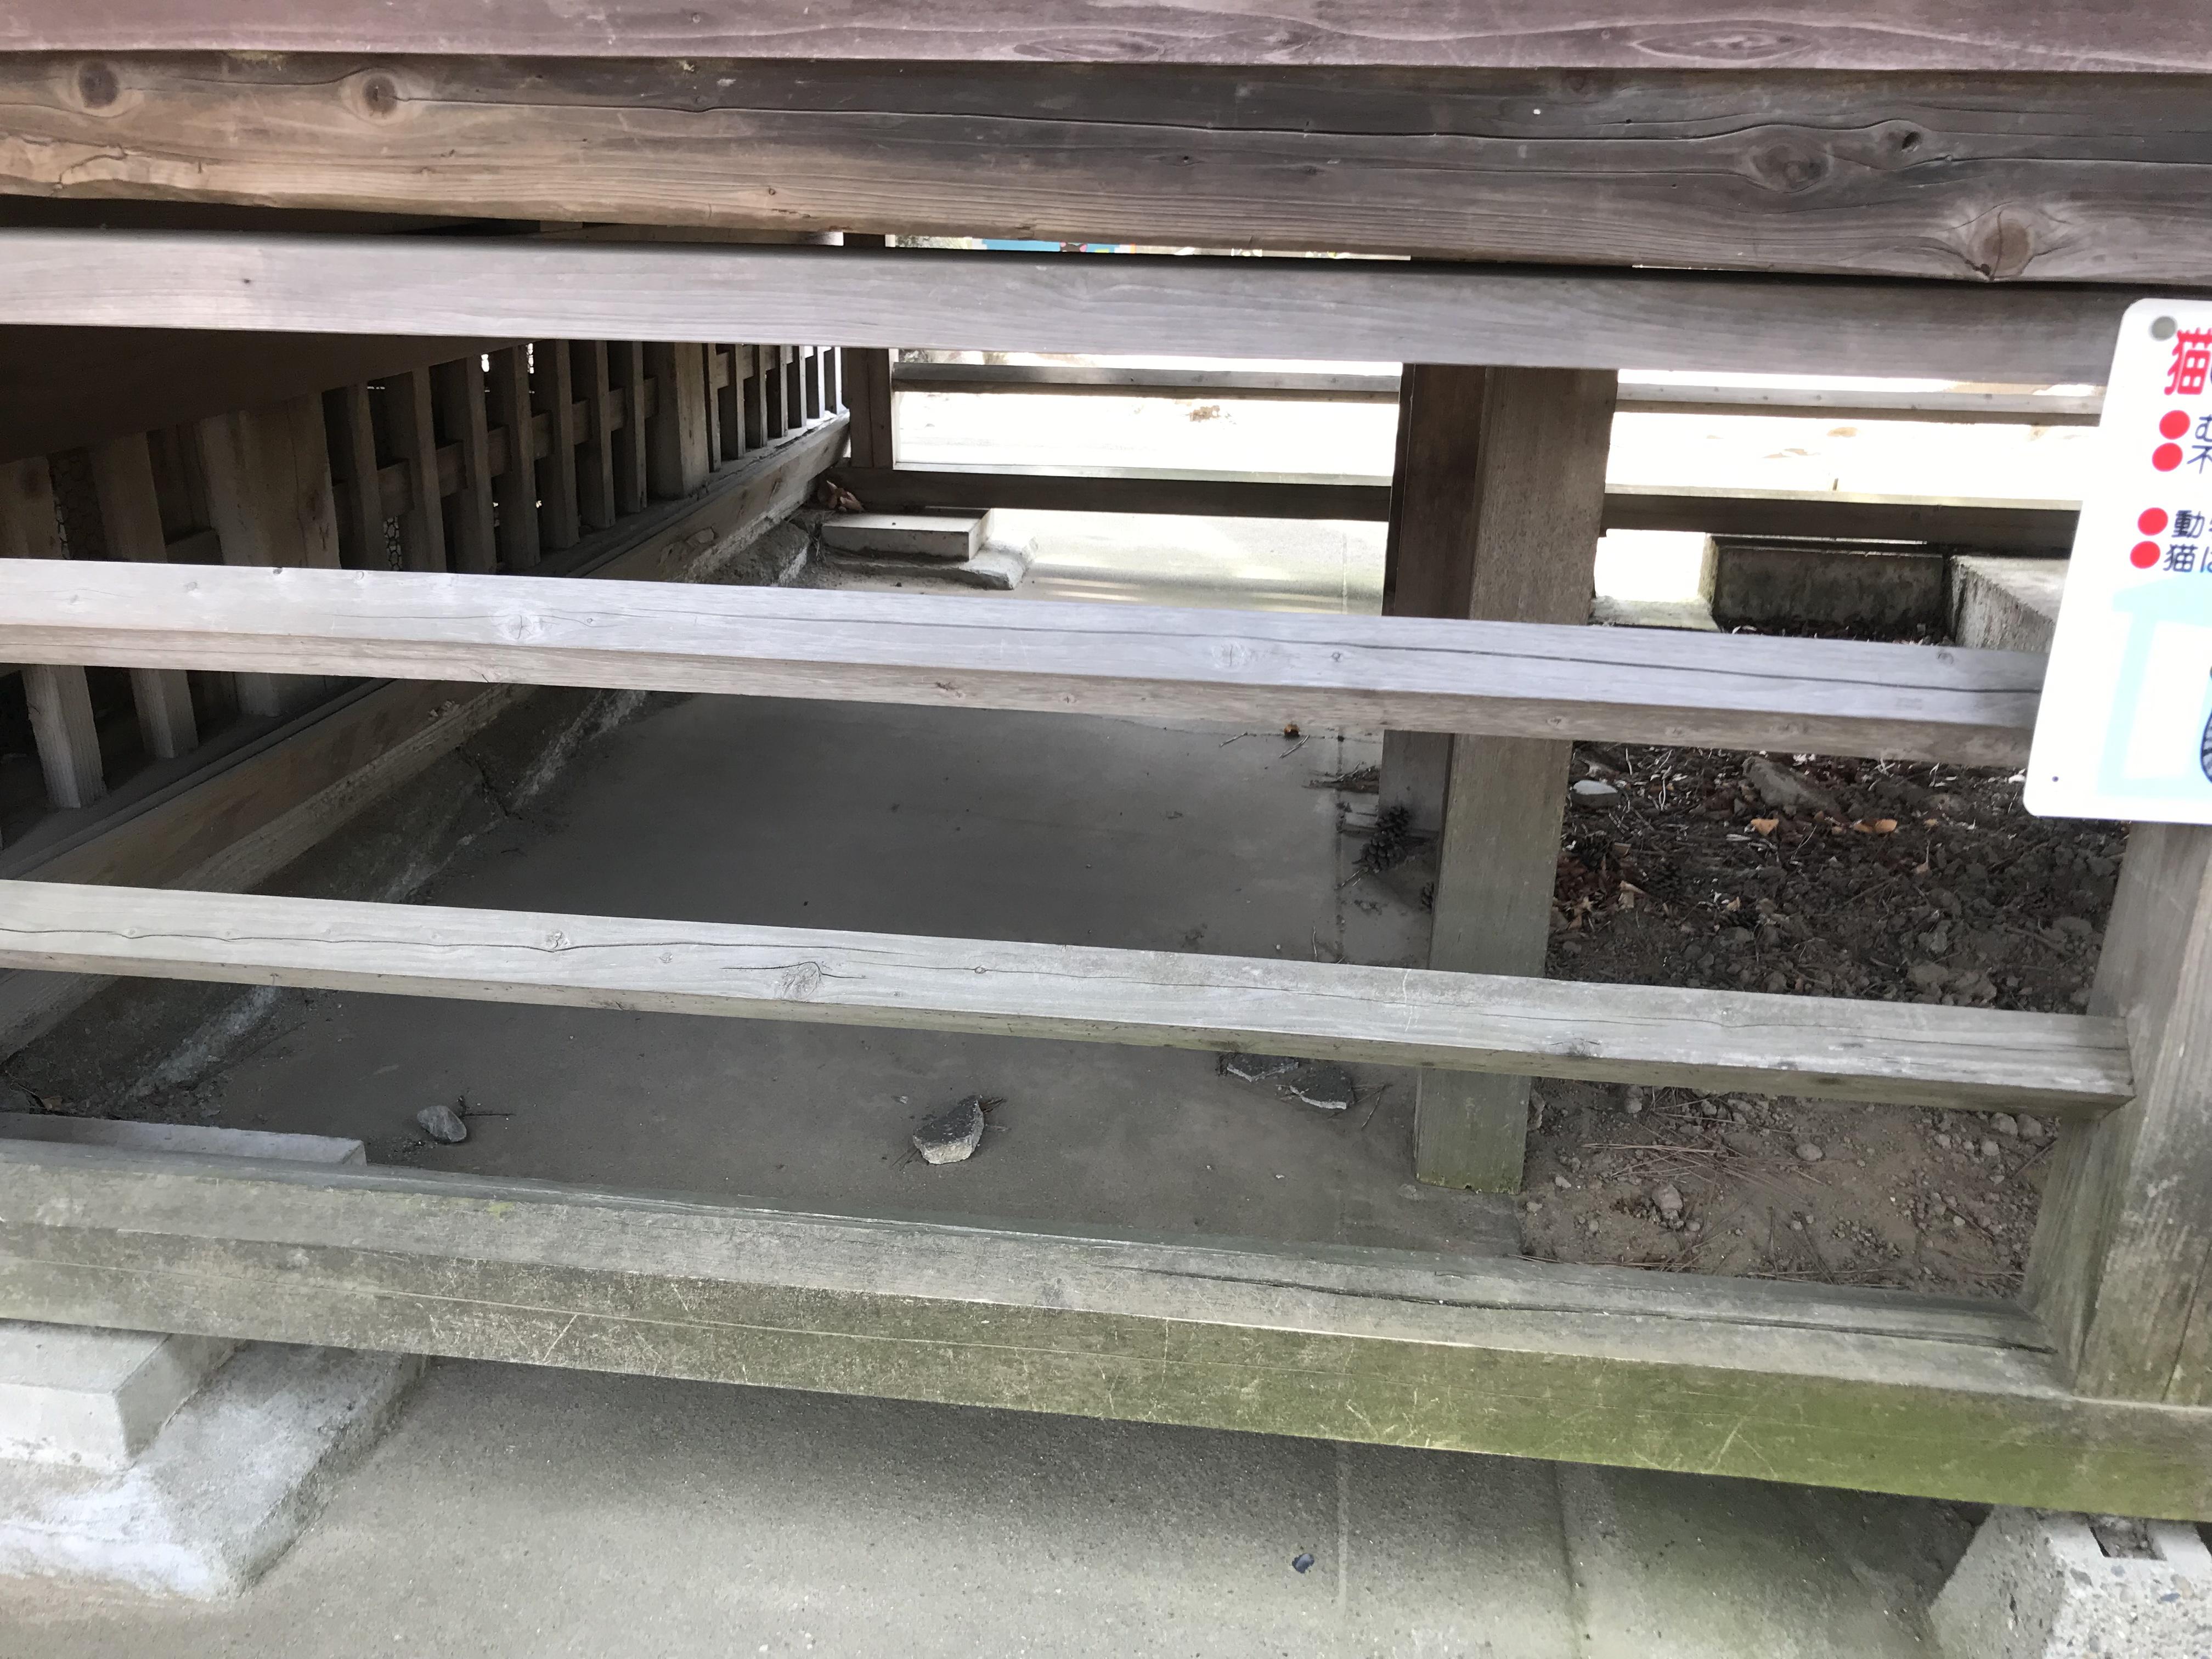 上小岩天祖神社の軒下 ルドルフとイッパイアッテナ 聖地巡礼